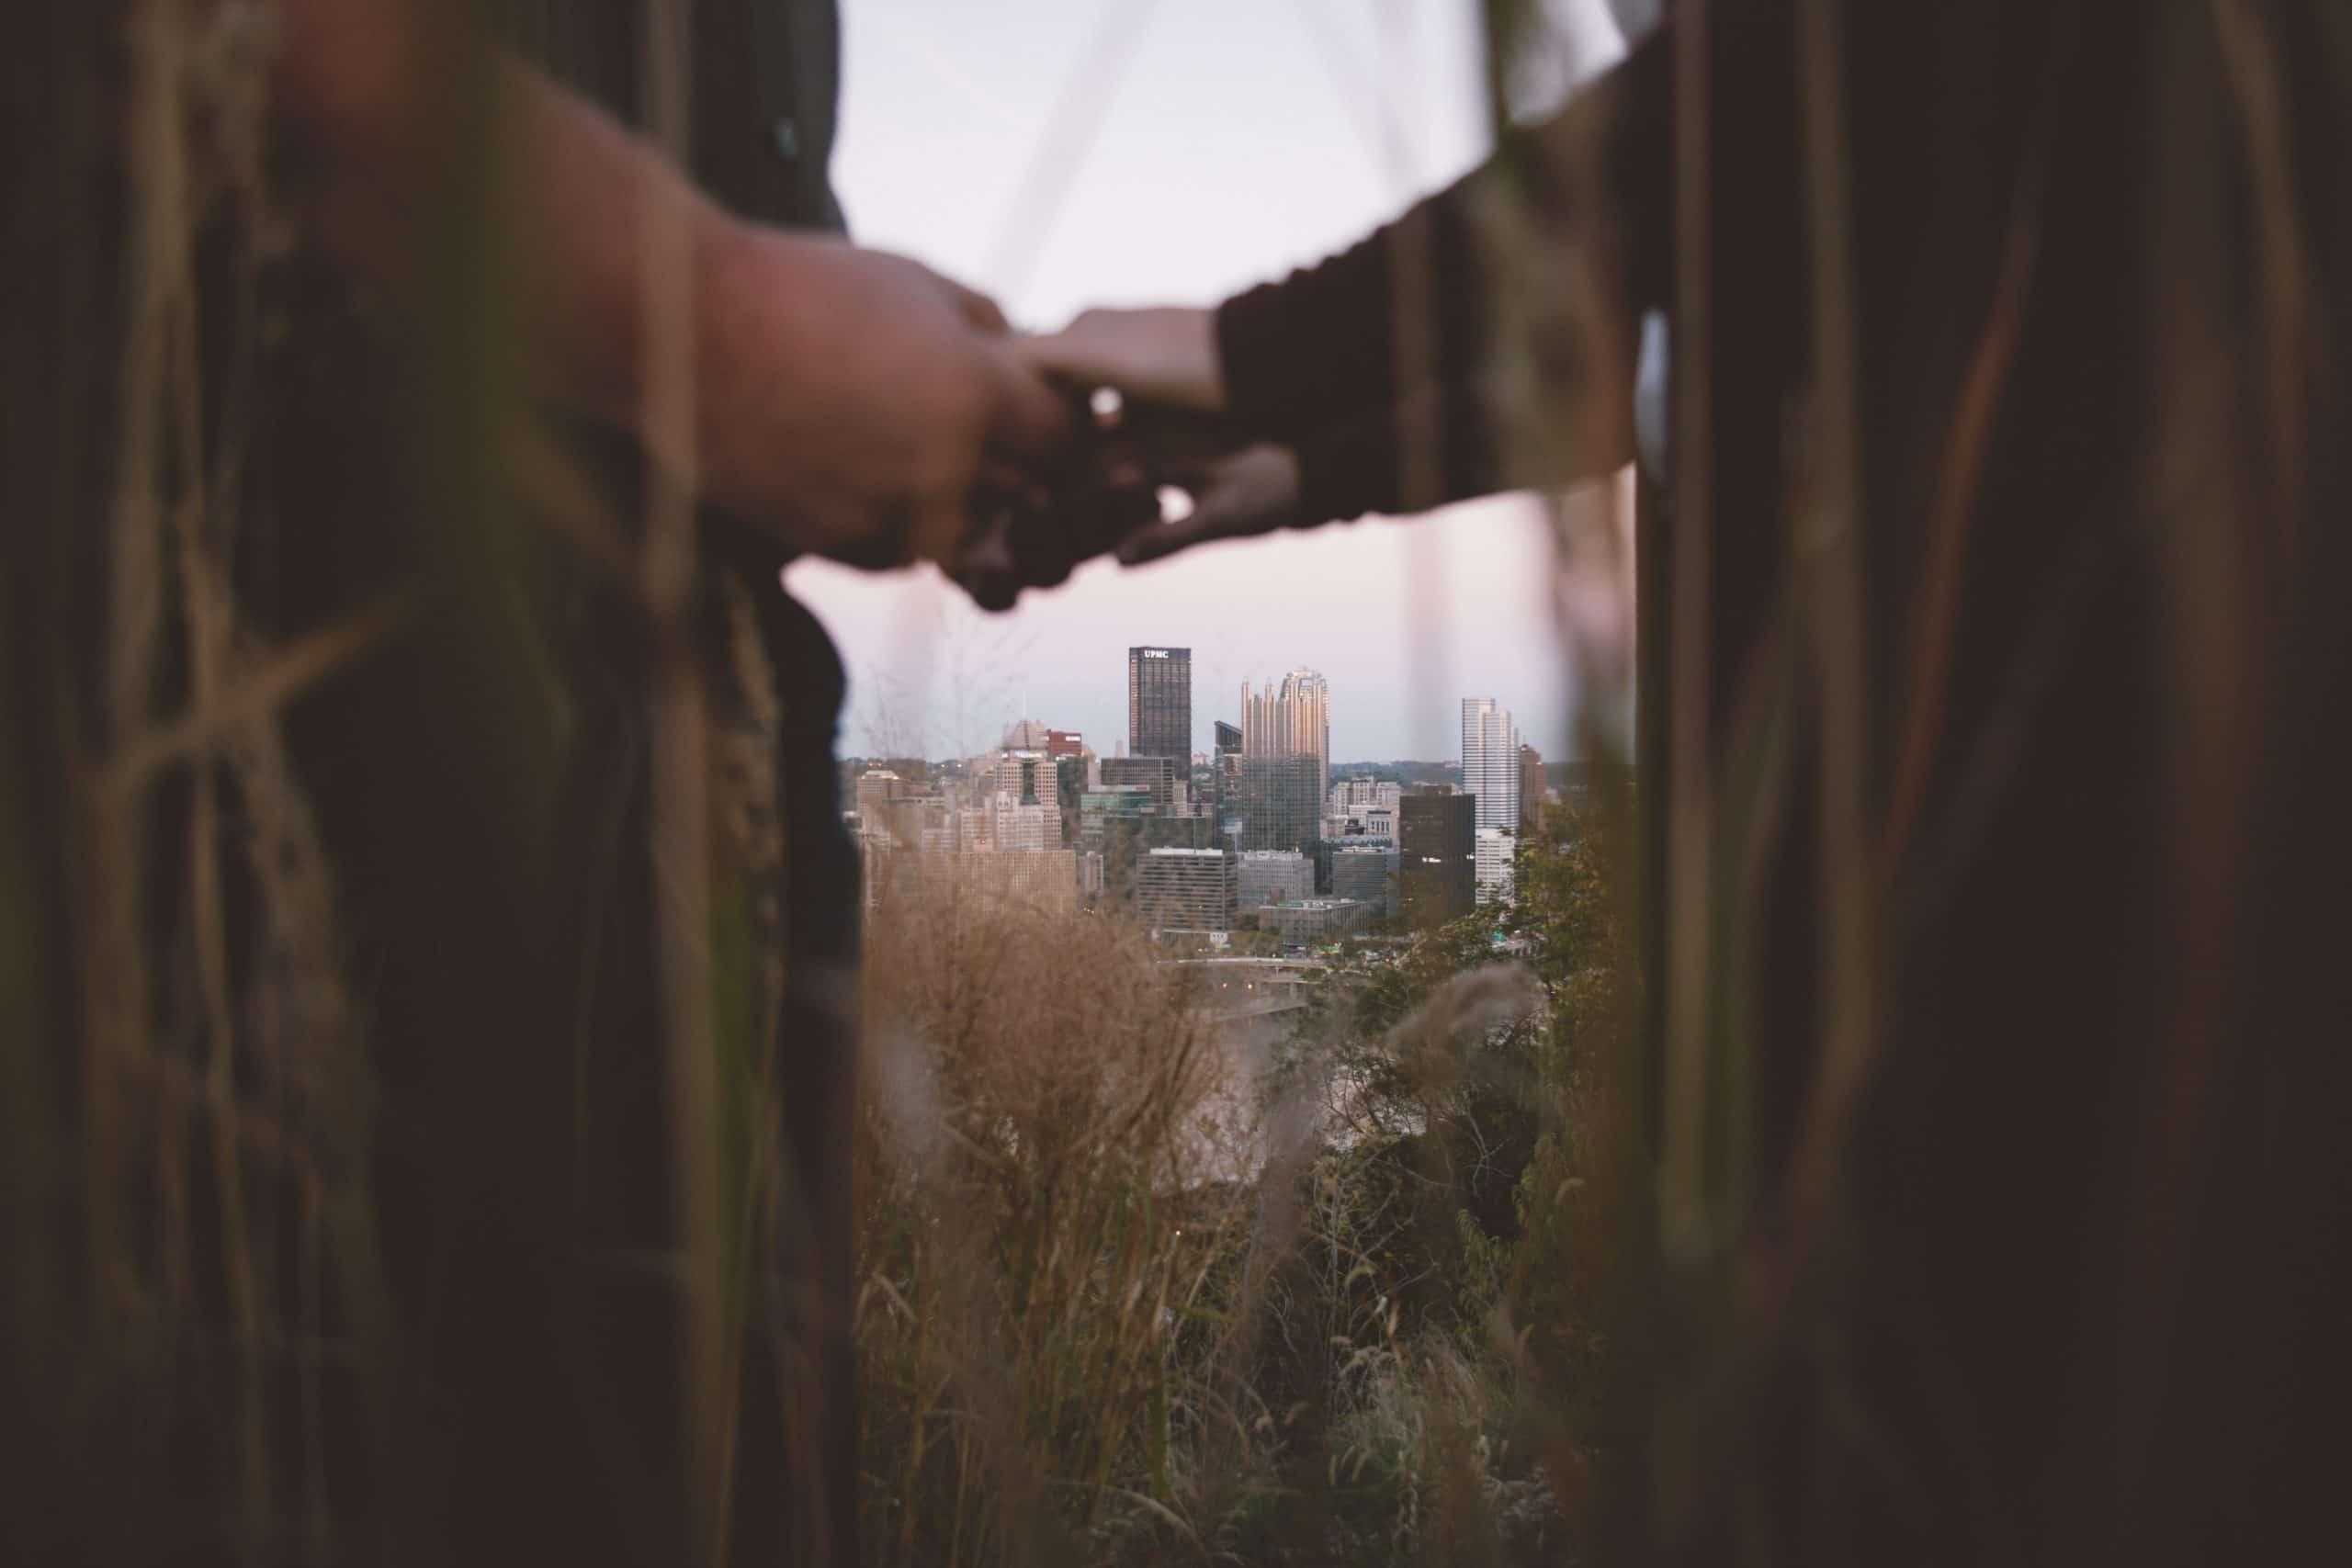 Duas pessoas dando as mãos em frente a uma cidade.